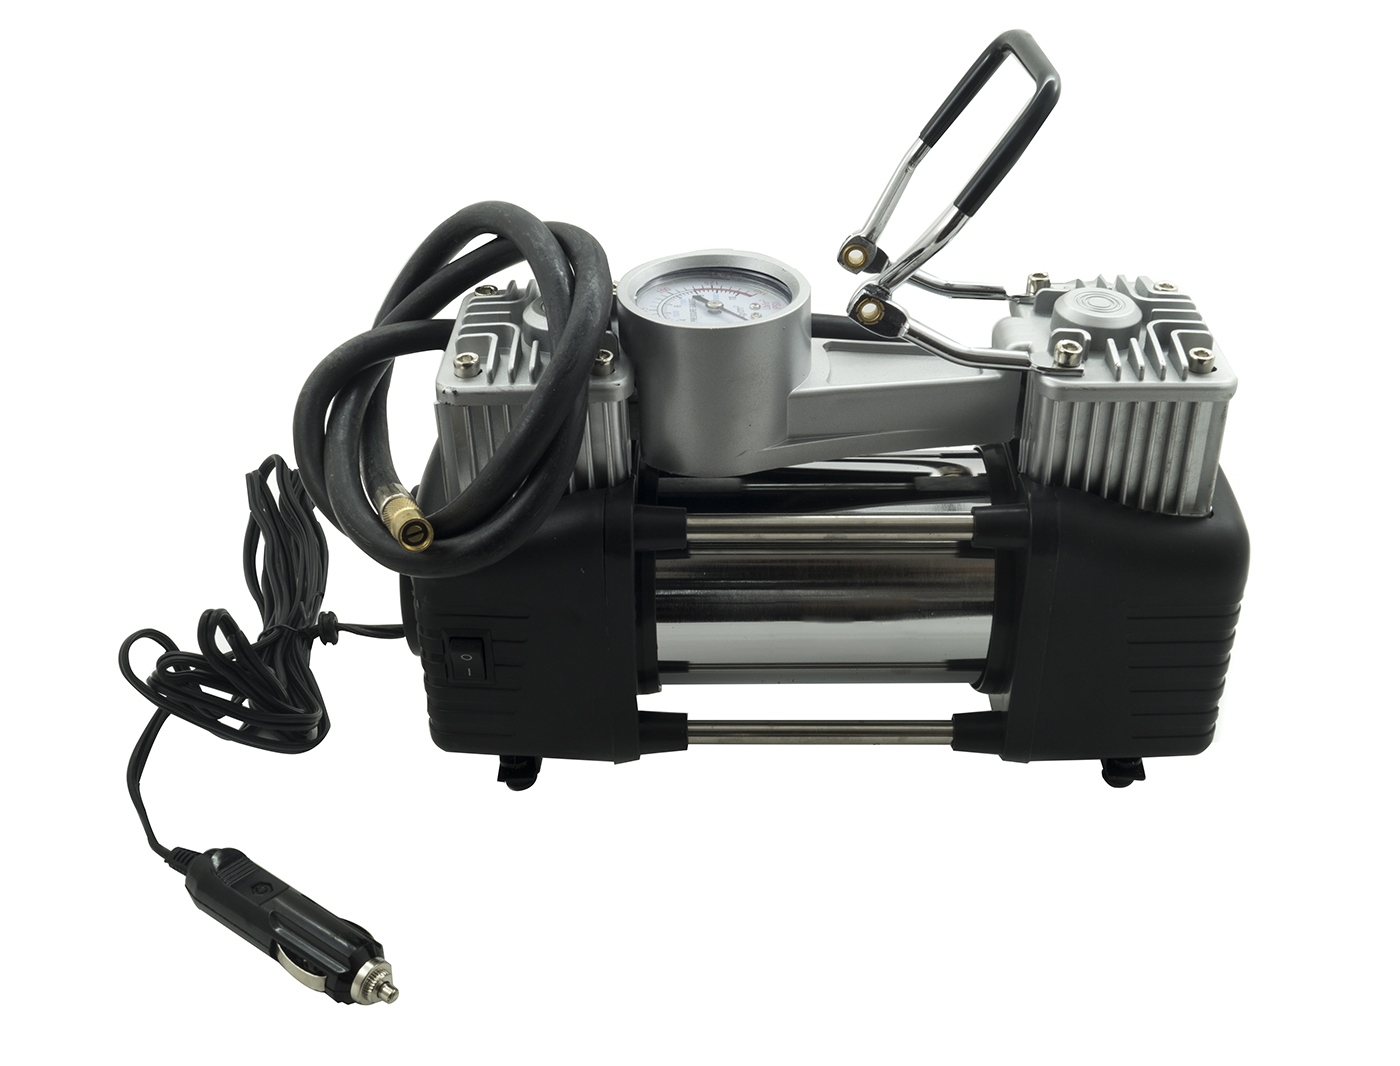 Compressore 2 cilindri 12v 85l 150psi per auto viaggio for Mini compressore portatile per auto moto bici 12v professionale accendisigari